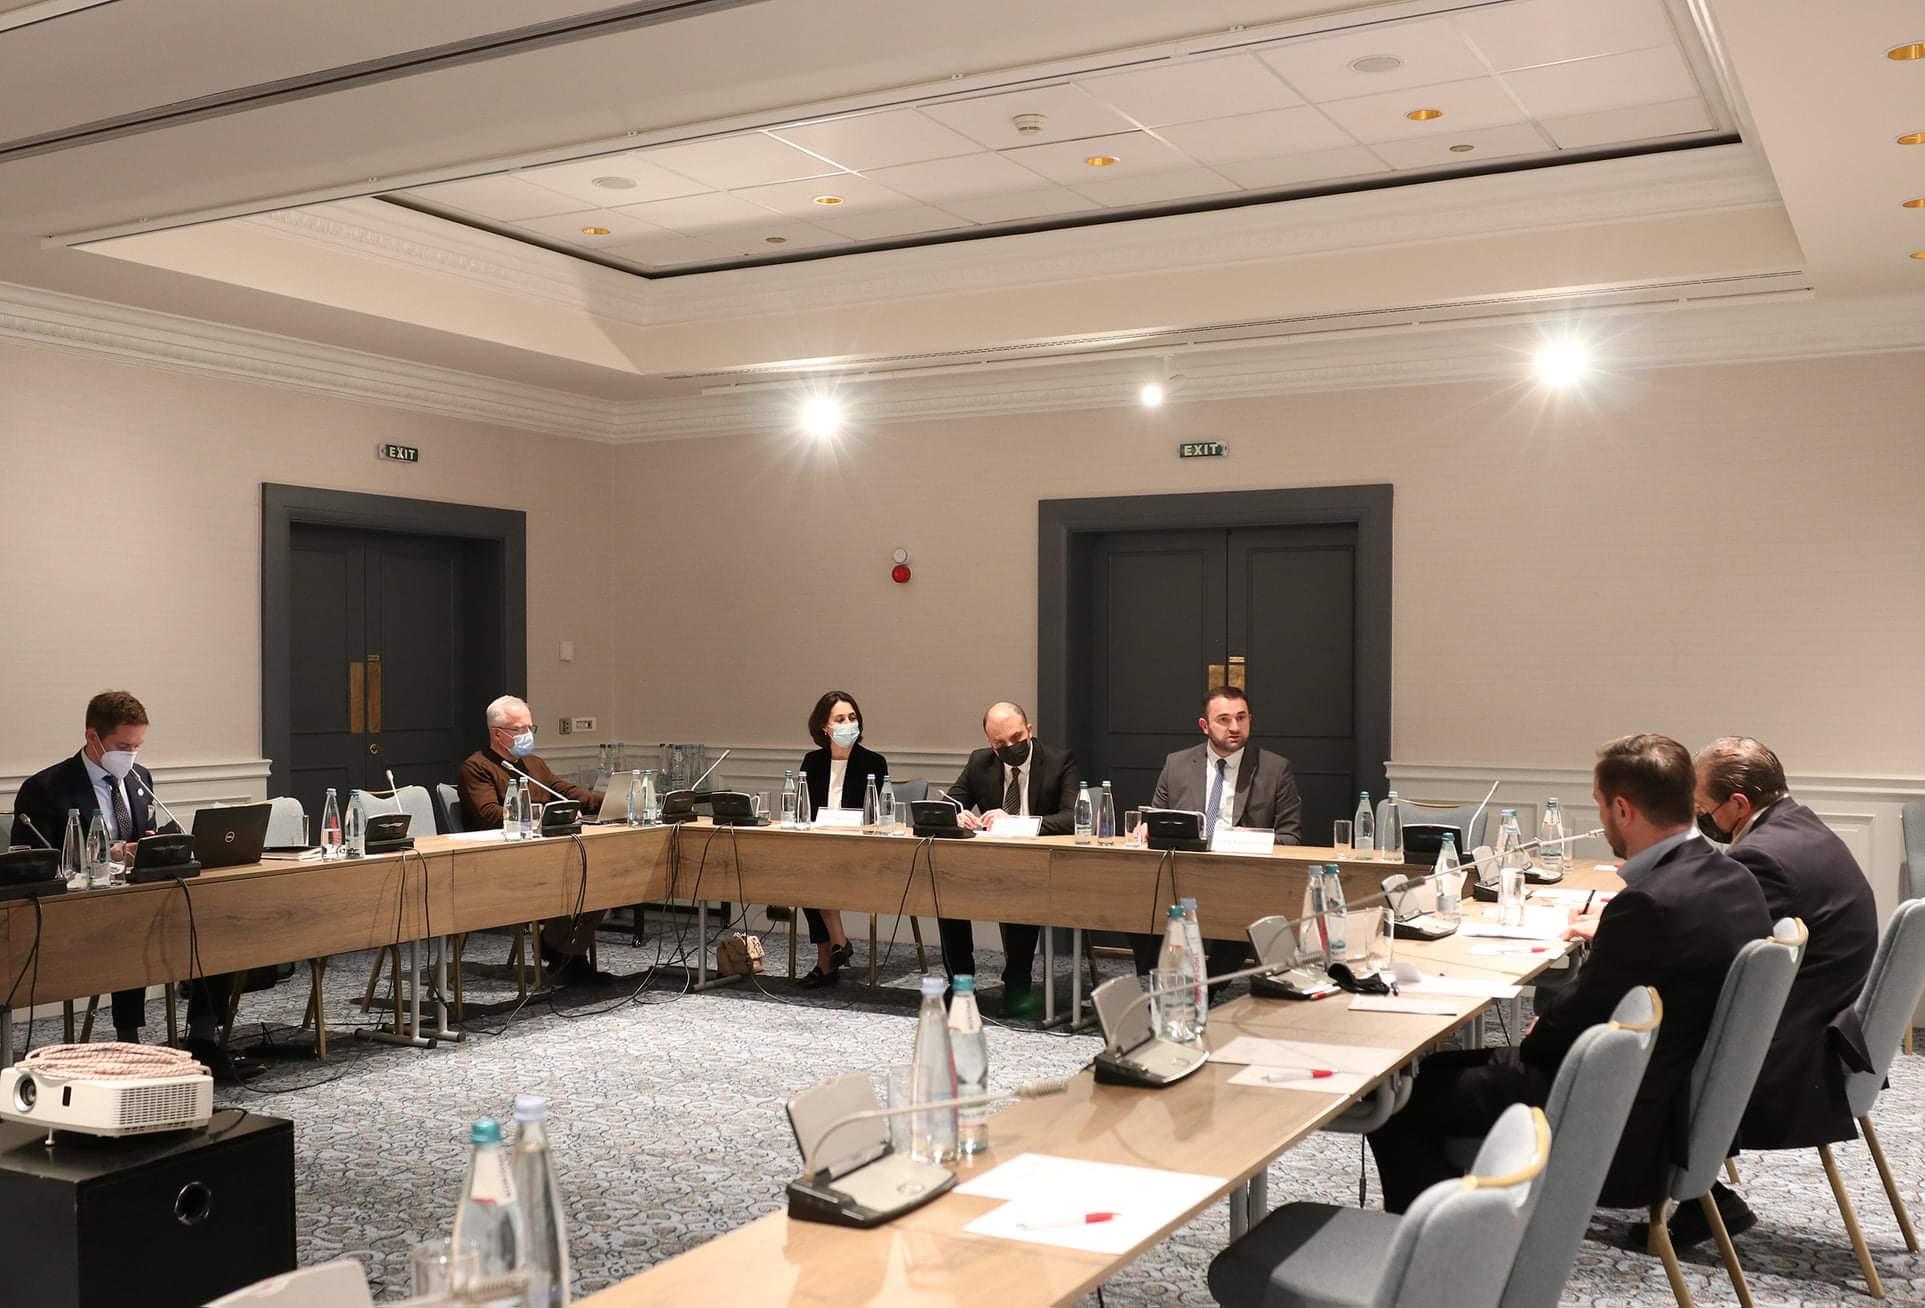 ცესკოს თავმჯდომარე ეროვნულ-დემოკრატიული ინსტიტუტისა (NDI) და საერთაშორისო რესპუბლიკური ინსტიტუტის (IRI) წარმომადგენლებს შეხვდა